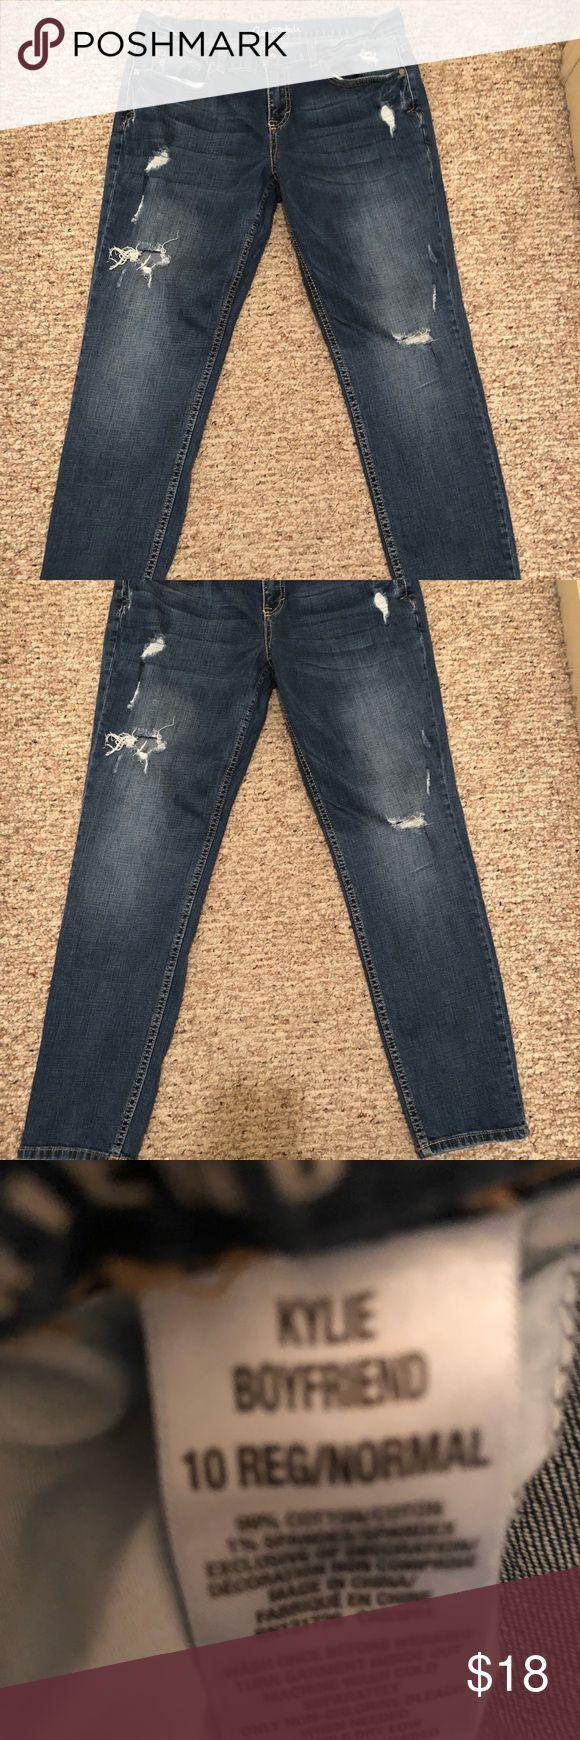 Women's Aeropostale boyfriend jeans.  Size 10 Aeropostale Jeans, Size 10, Kylie style.  EUC! Aeropostale Jeans Boyfriend